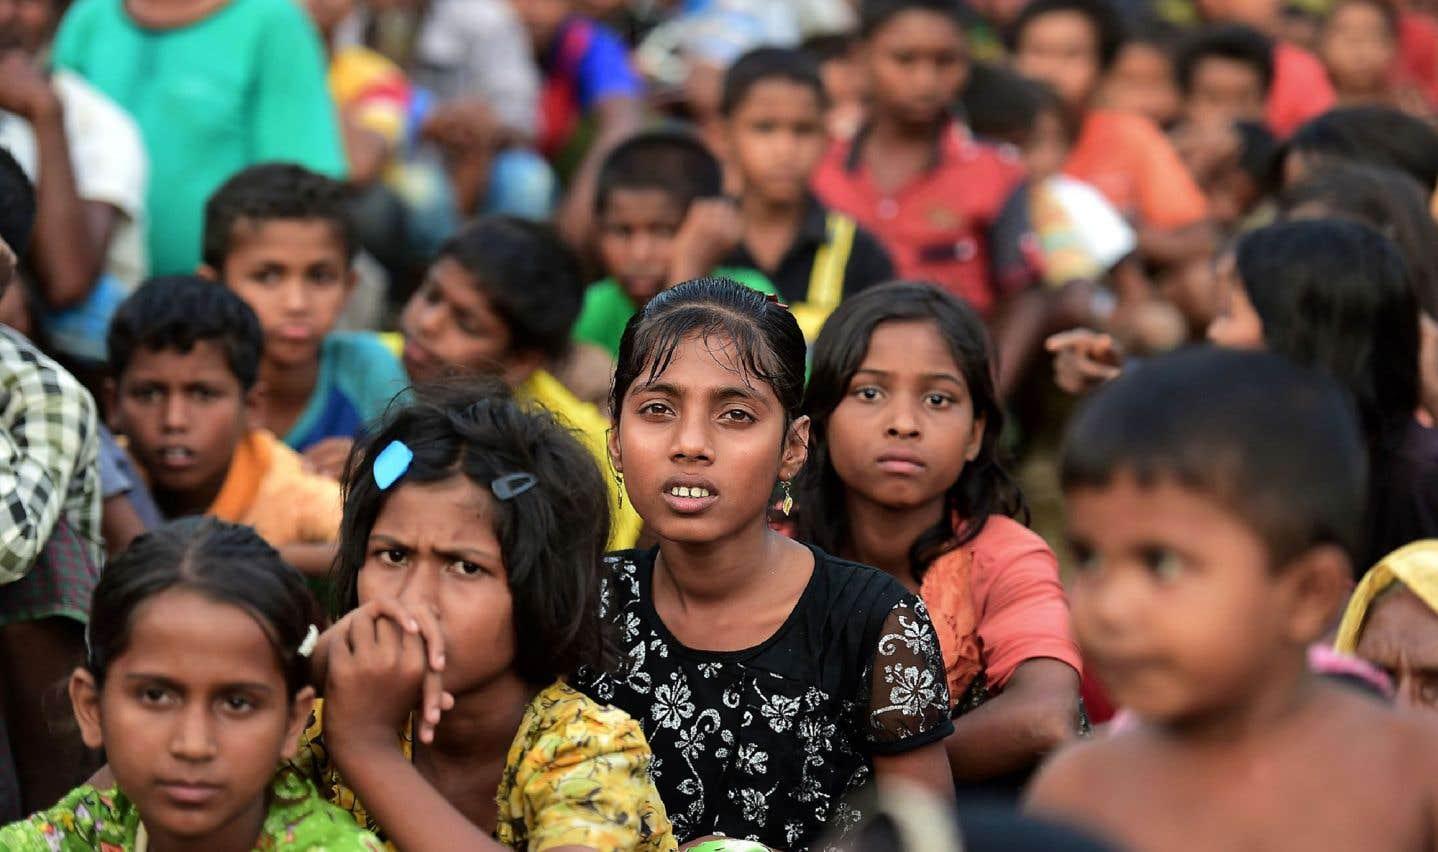 Le silence, puis les propos incendiaires d'Aung San Sui Kyi face aux Rohingyas